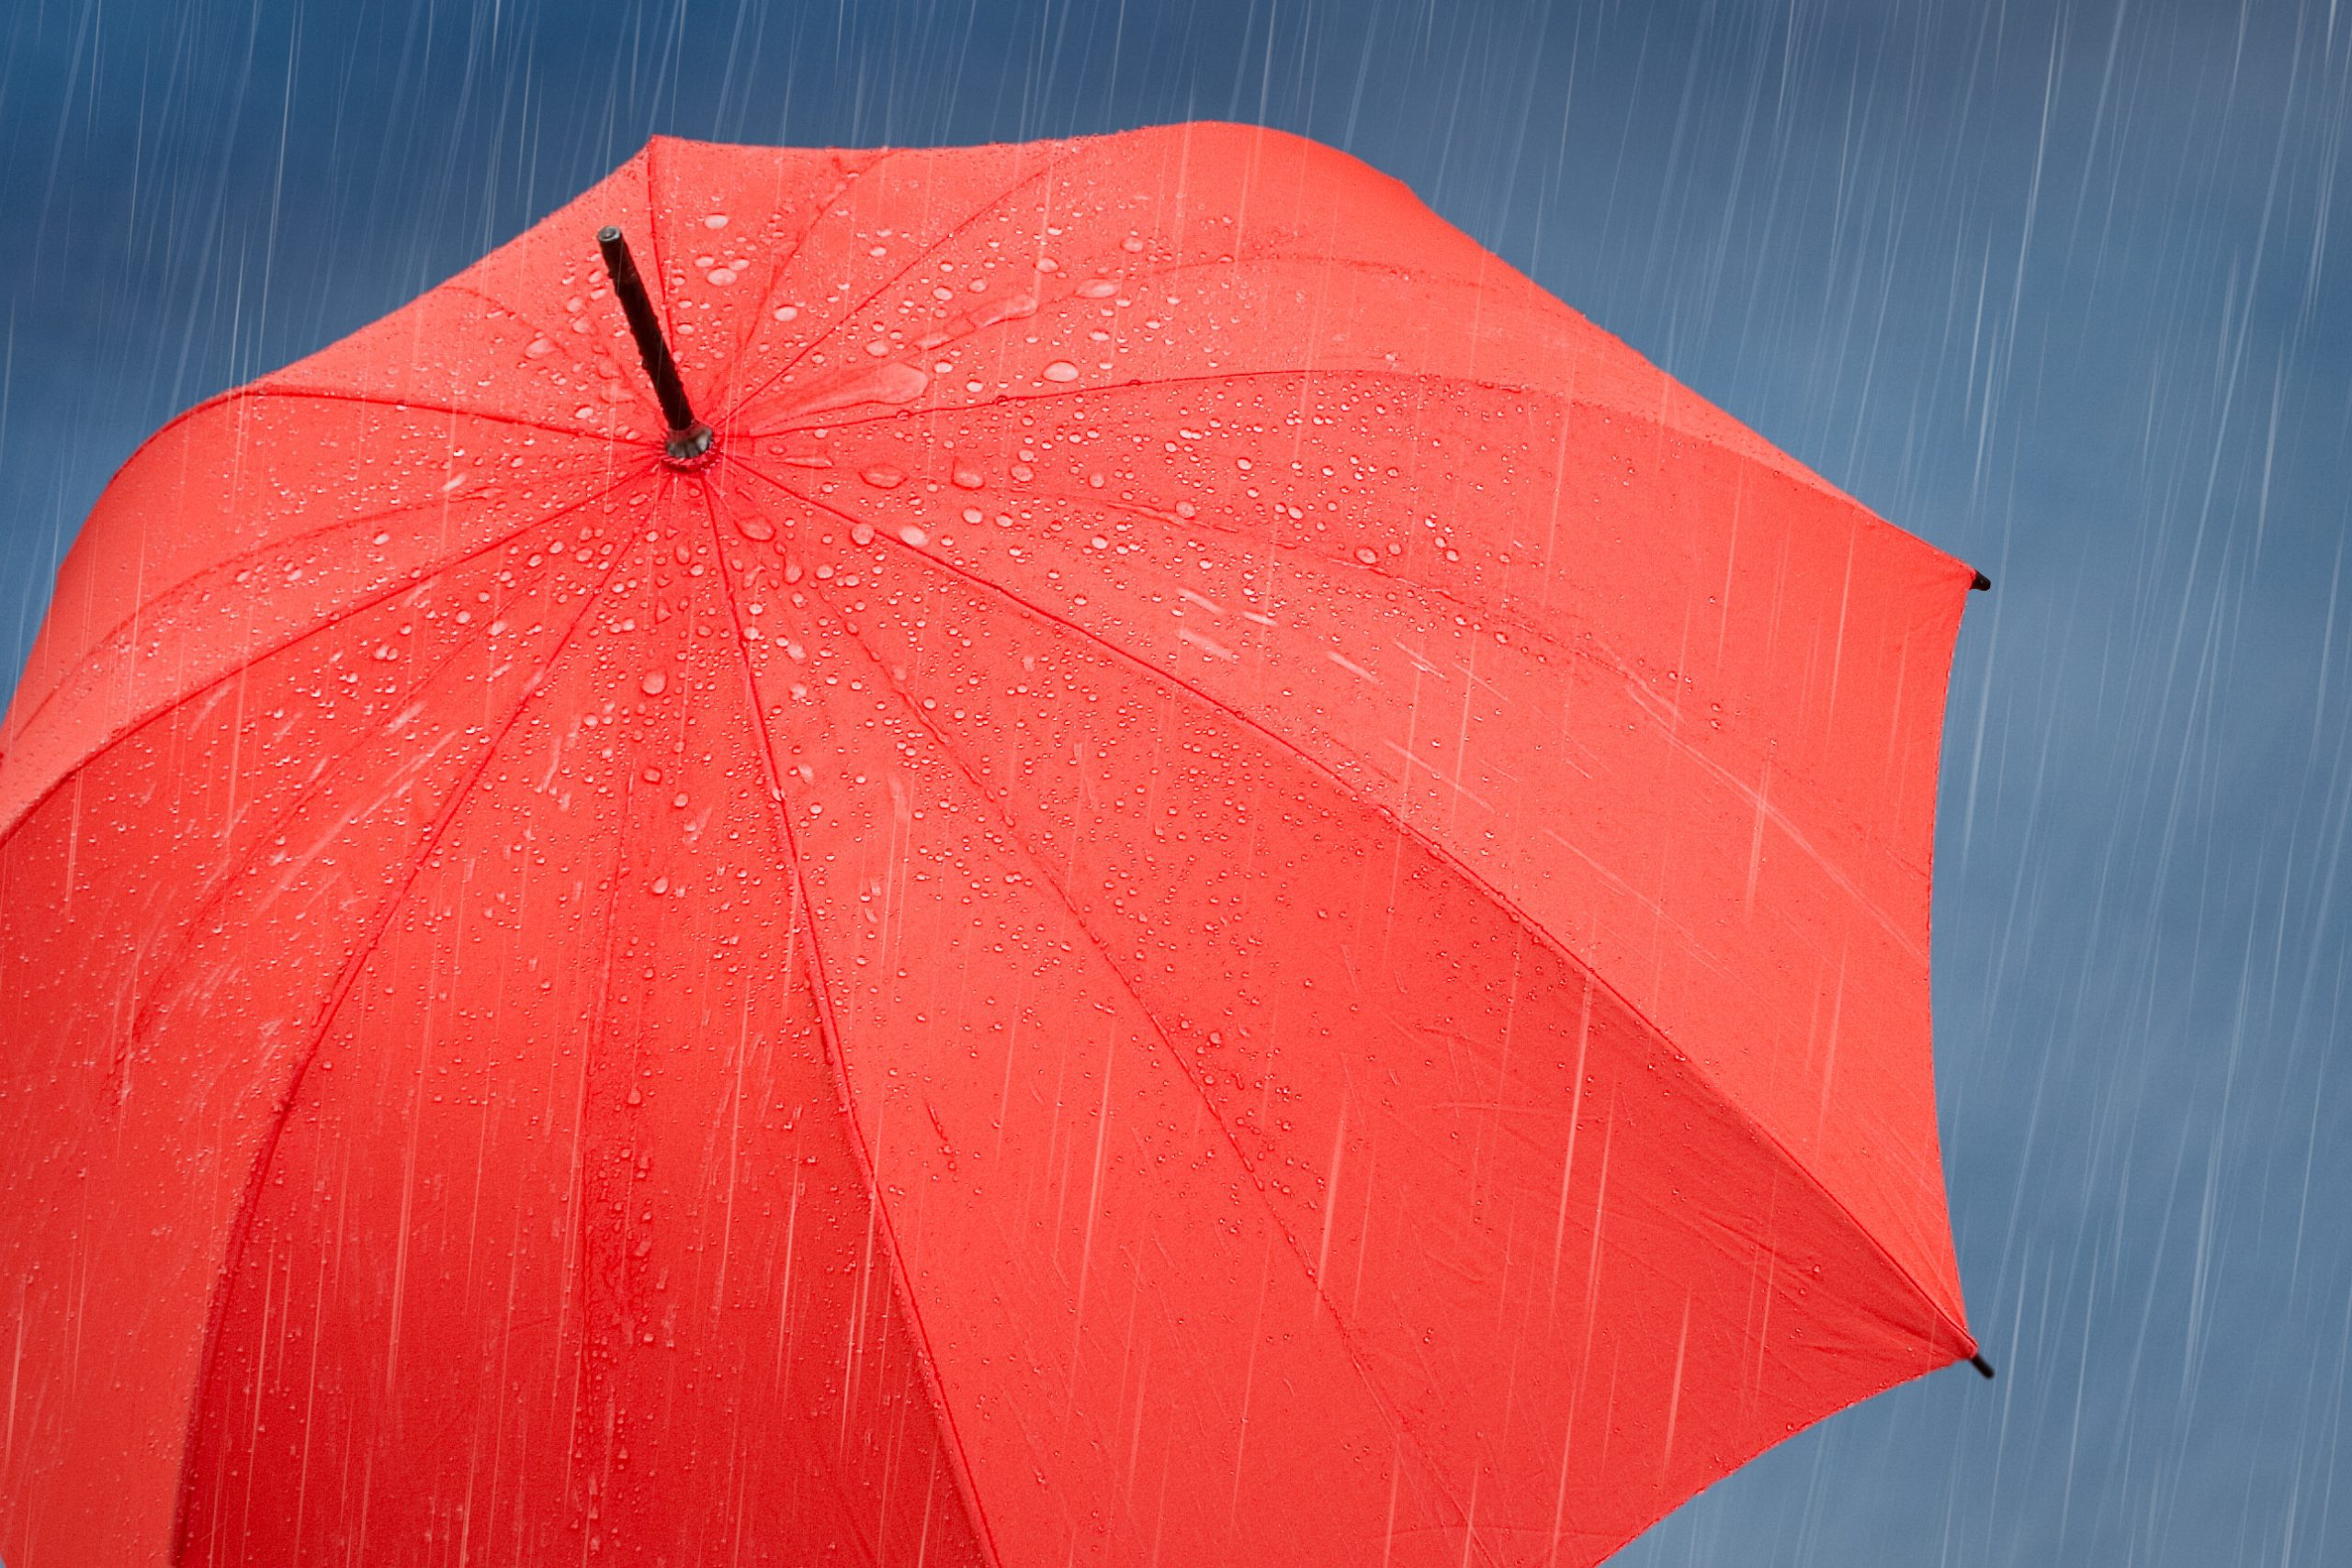 Roter Regenschirm unter Regenfall